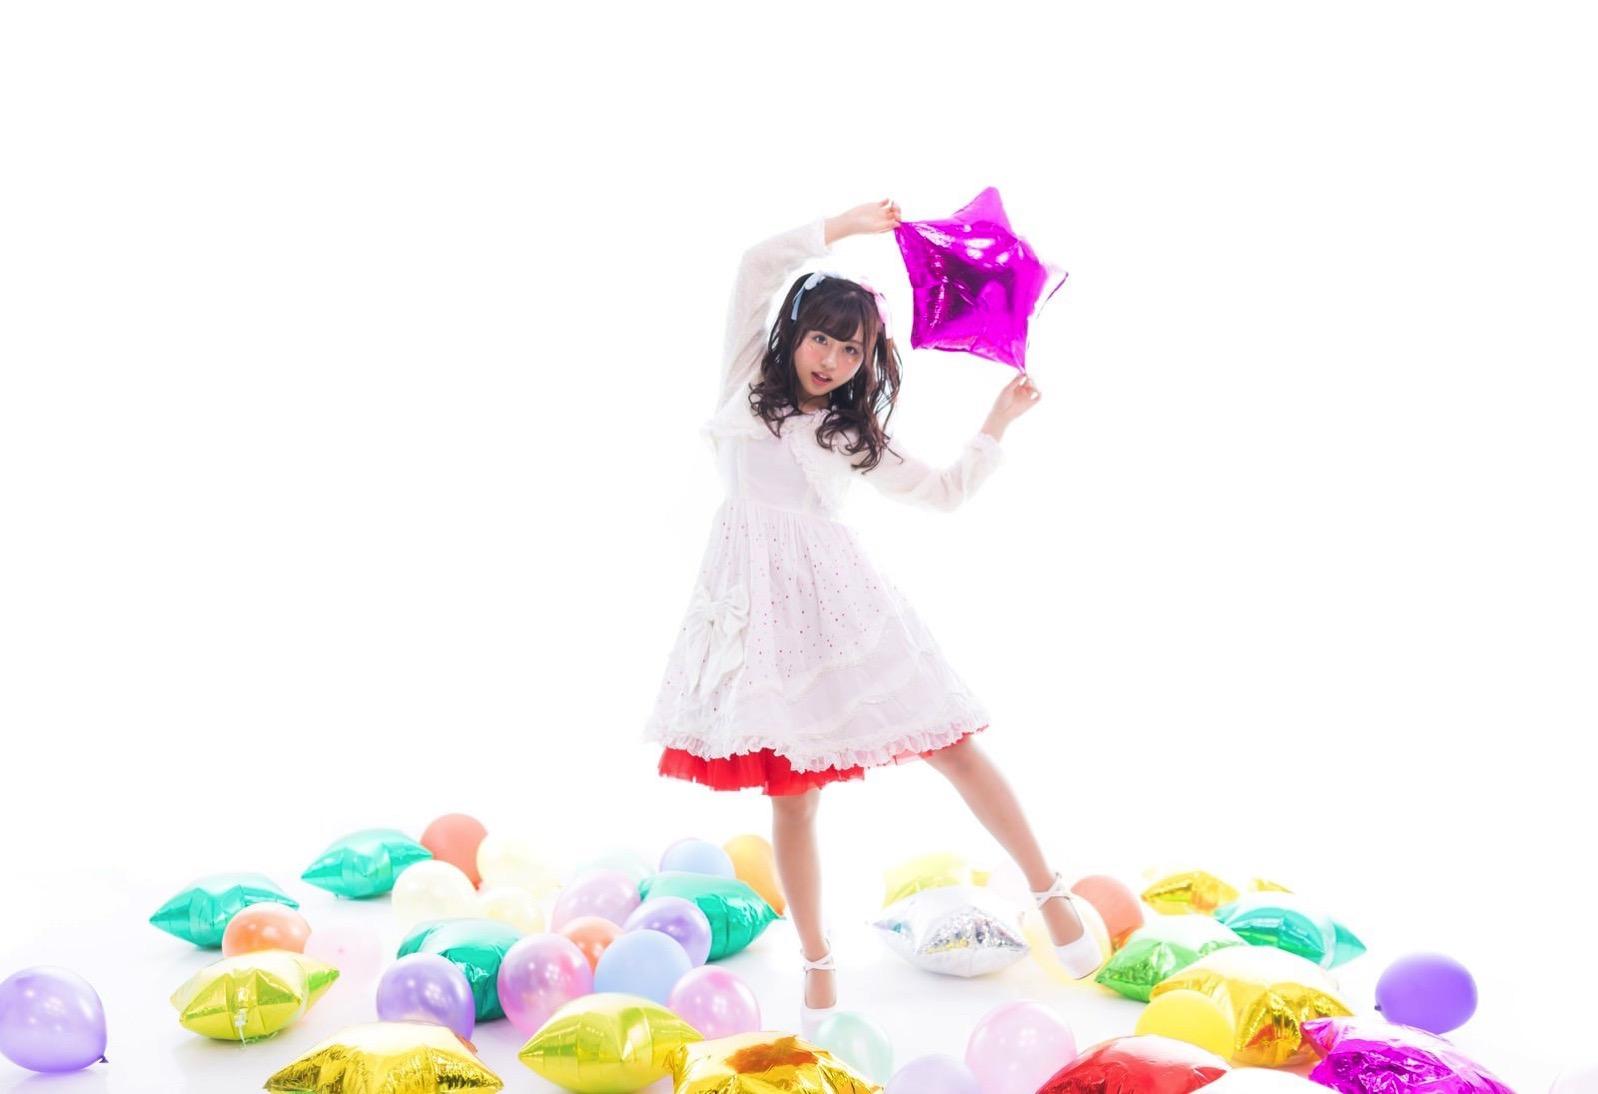 Yuka-Kawamura-Free-Stock-Photo-Idol-01.jpg